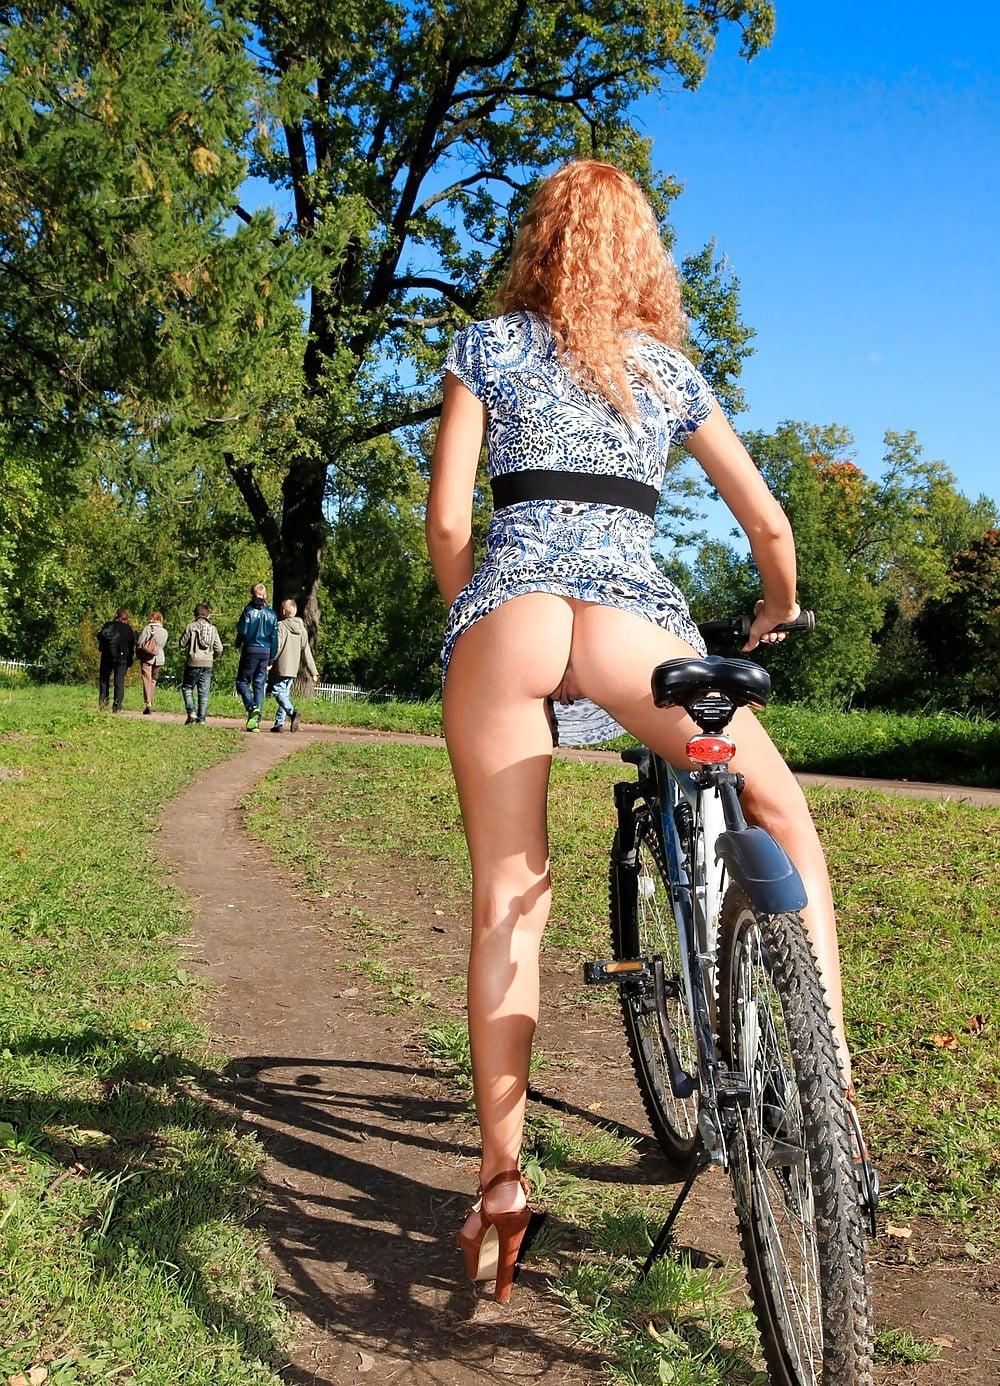 Катается на велосипеде без трусов видео, фото пизда после кремпая